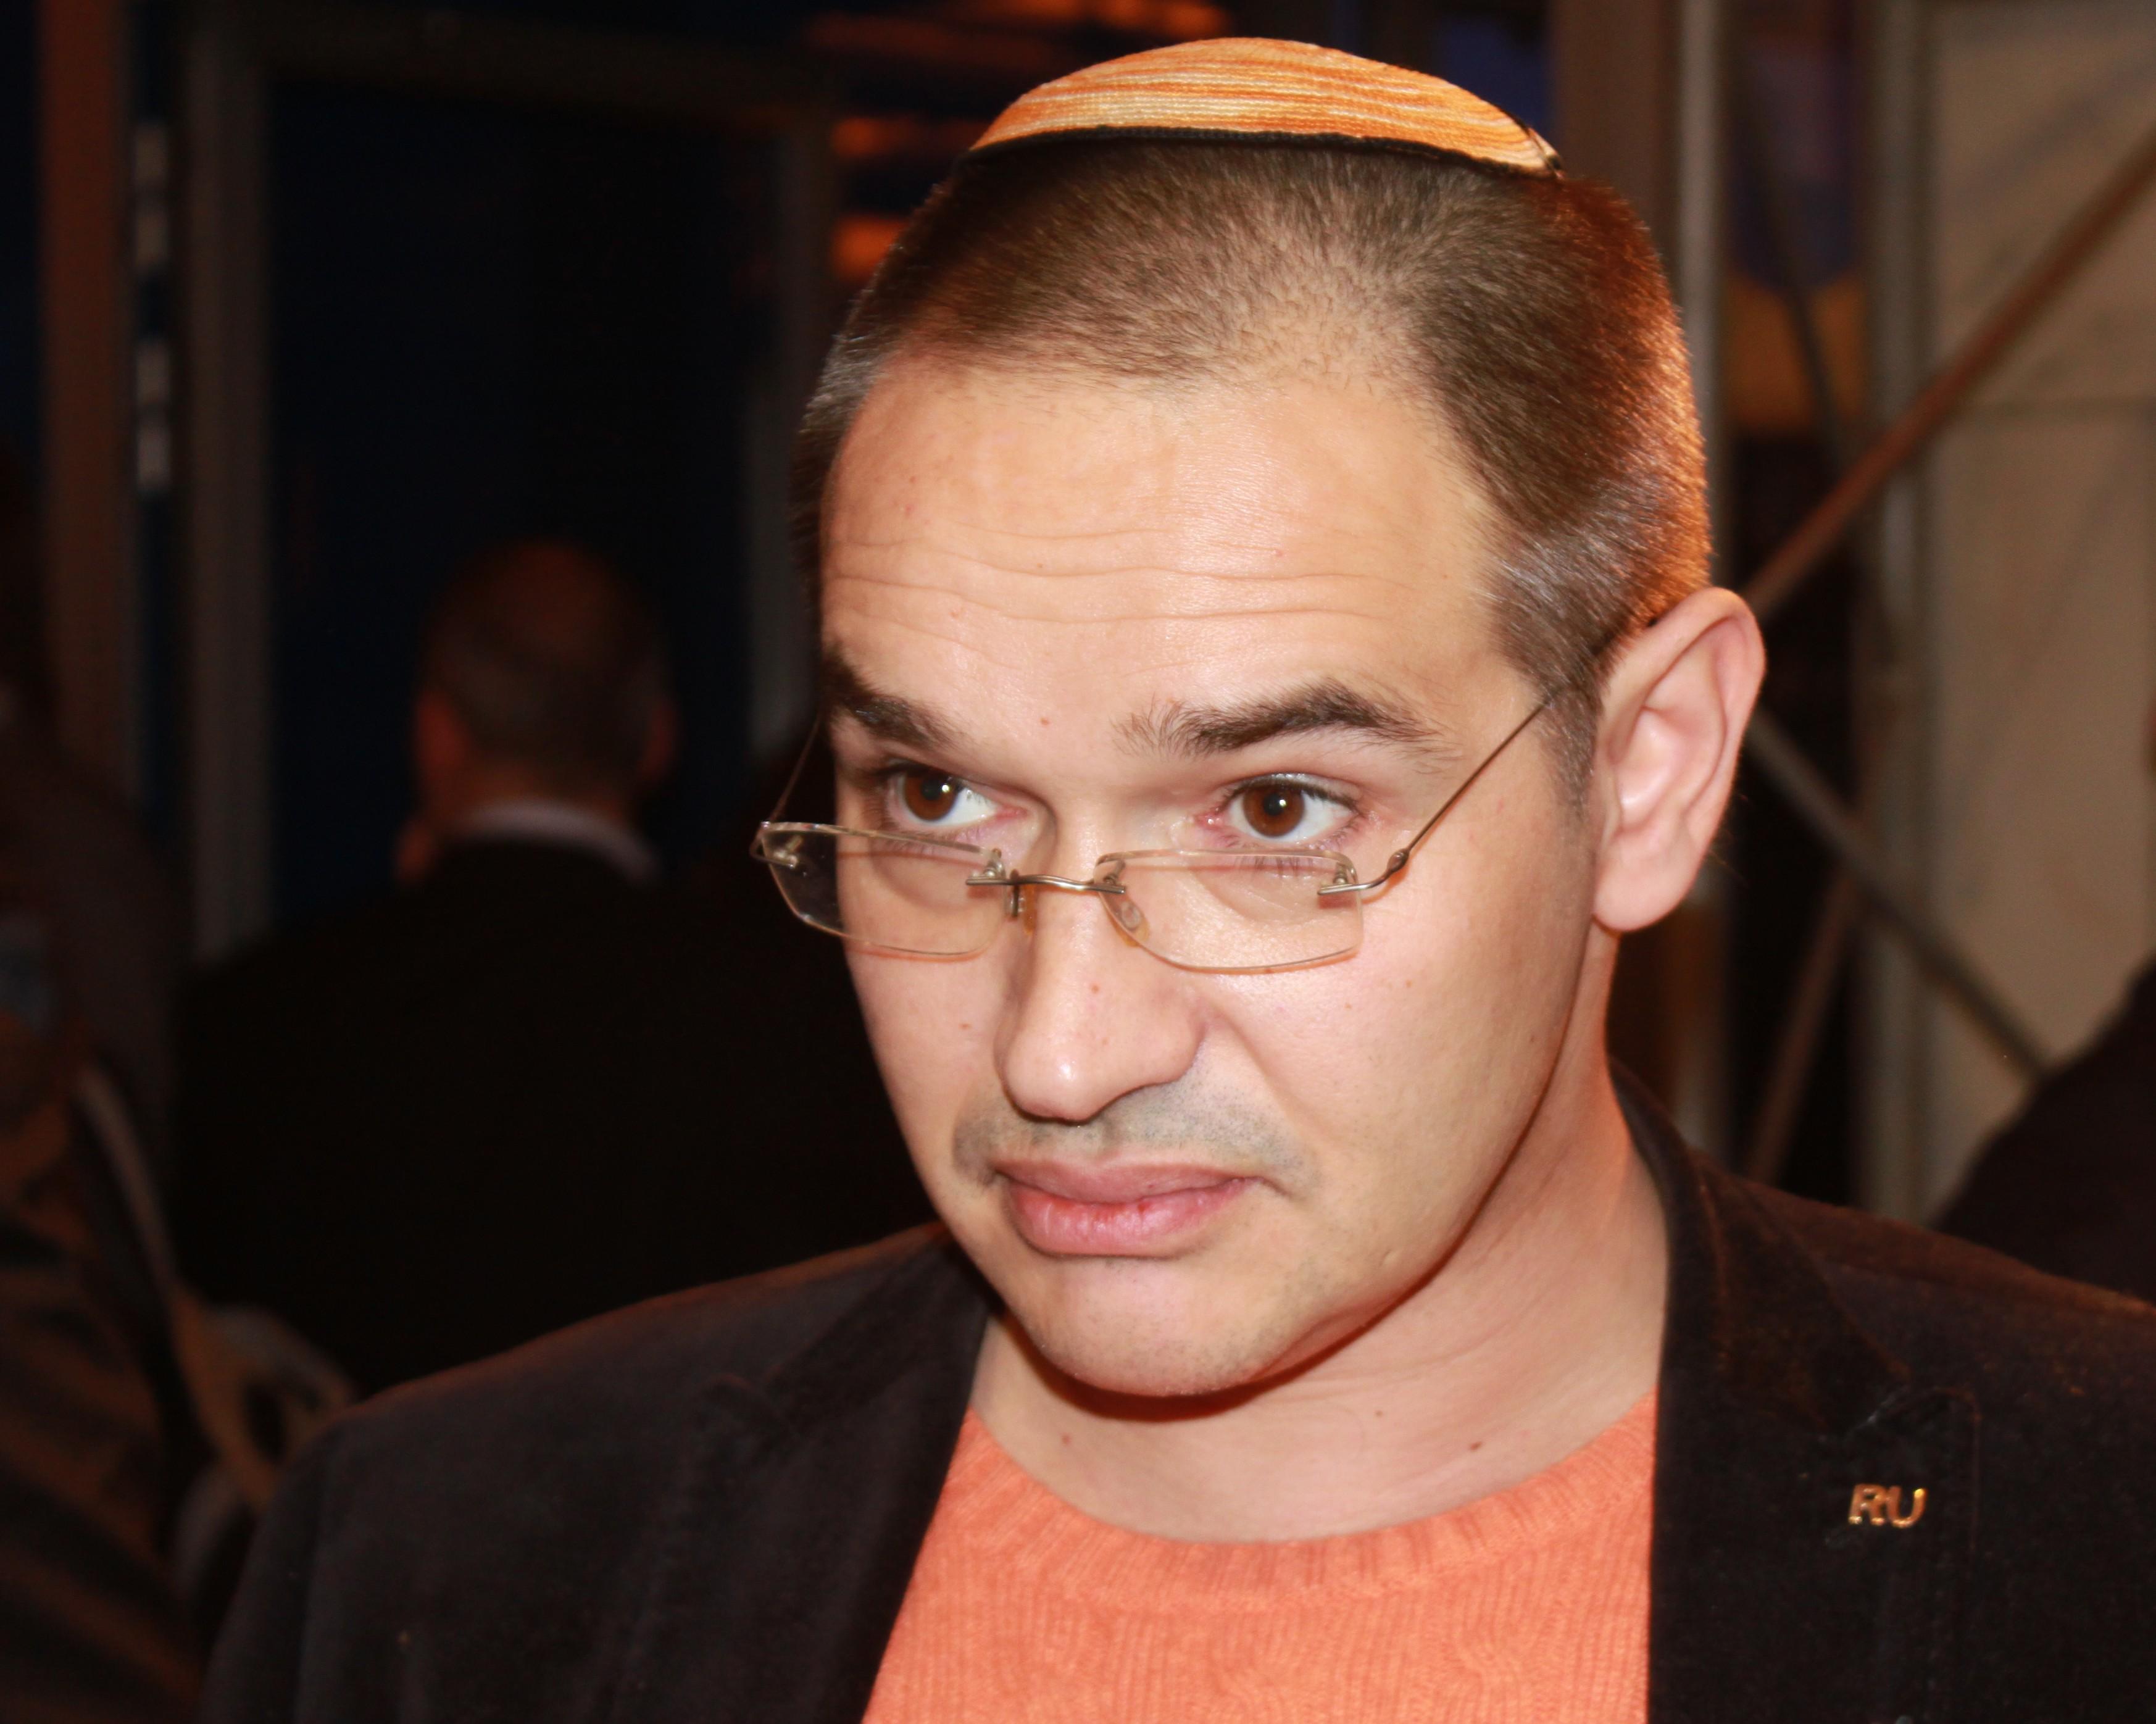 Антон Носик посоветовал украинцам побольше смотреть на Израиль и поменьше на Путина